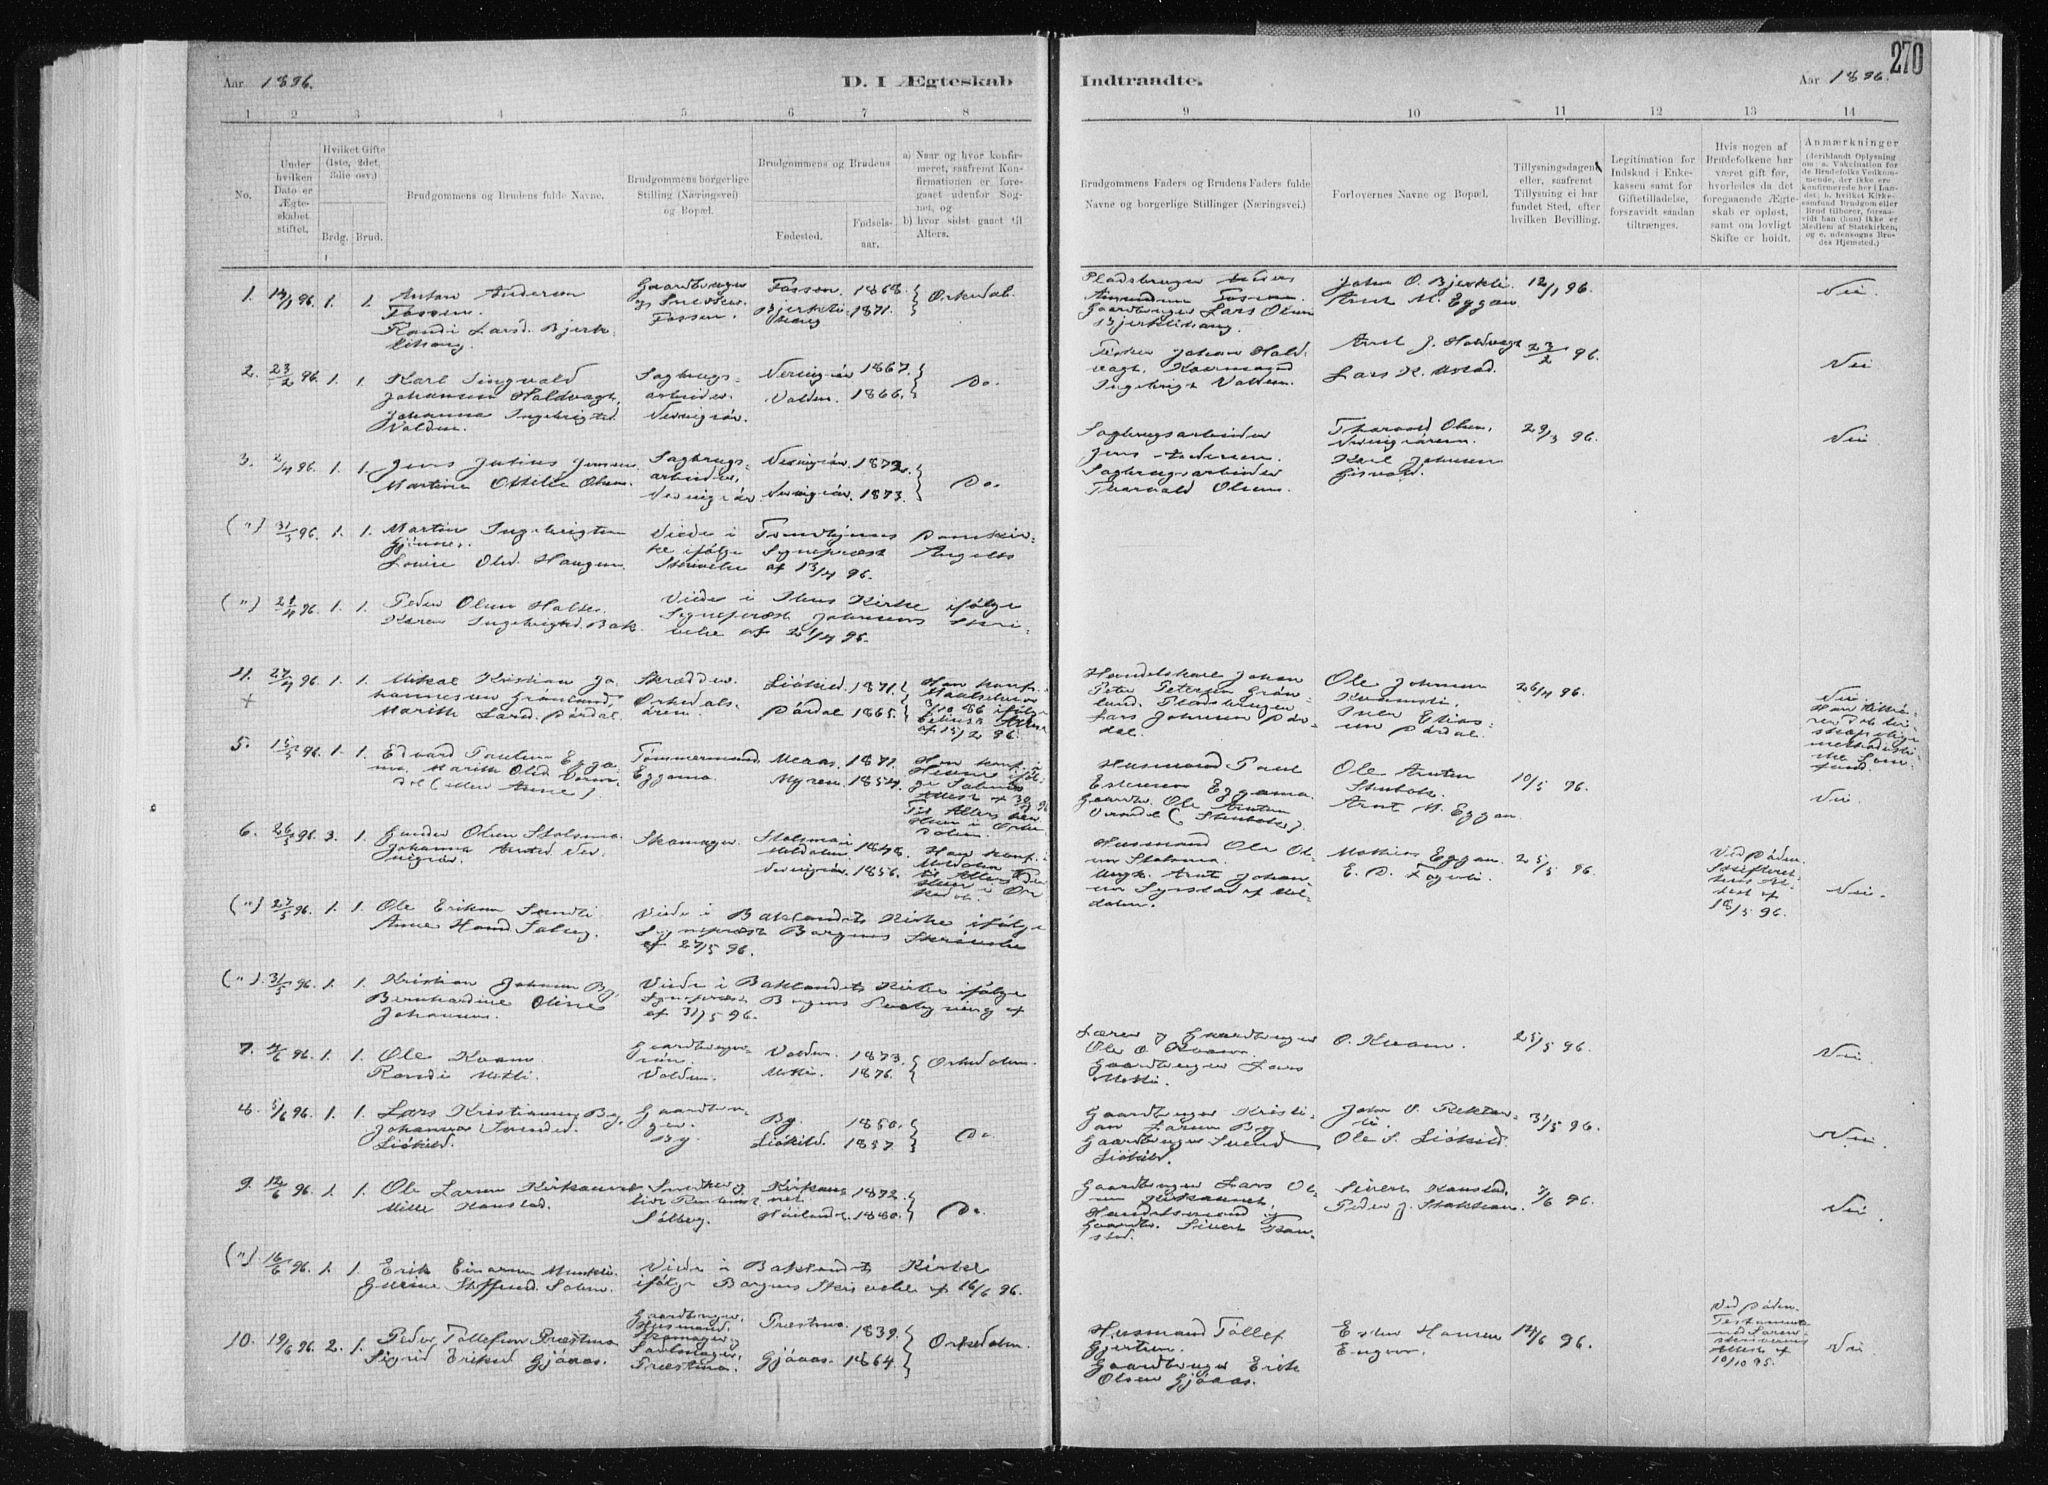 SAT, Ministerialprotokoller, klokkerbøker og fødselsregistre - Sør-Trøndelag, 668/L0818: Klokkerbok nr. 668C07, 1885-1898, s. 270